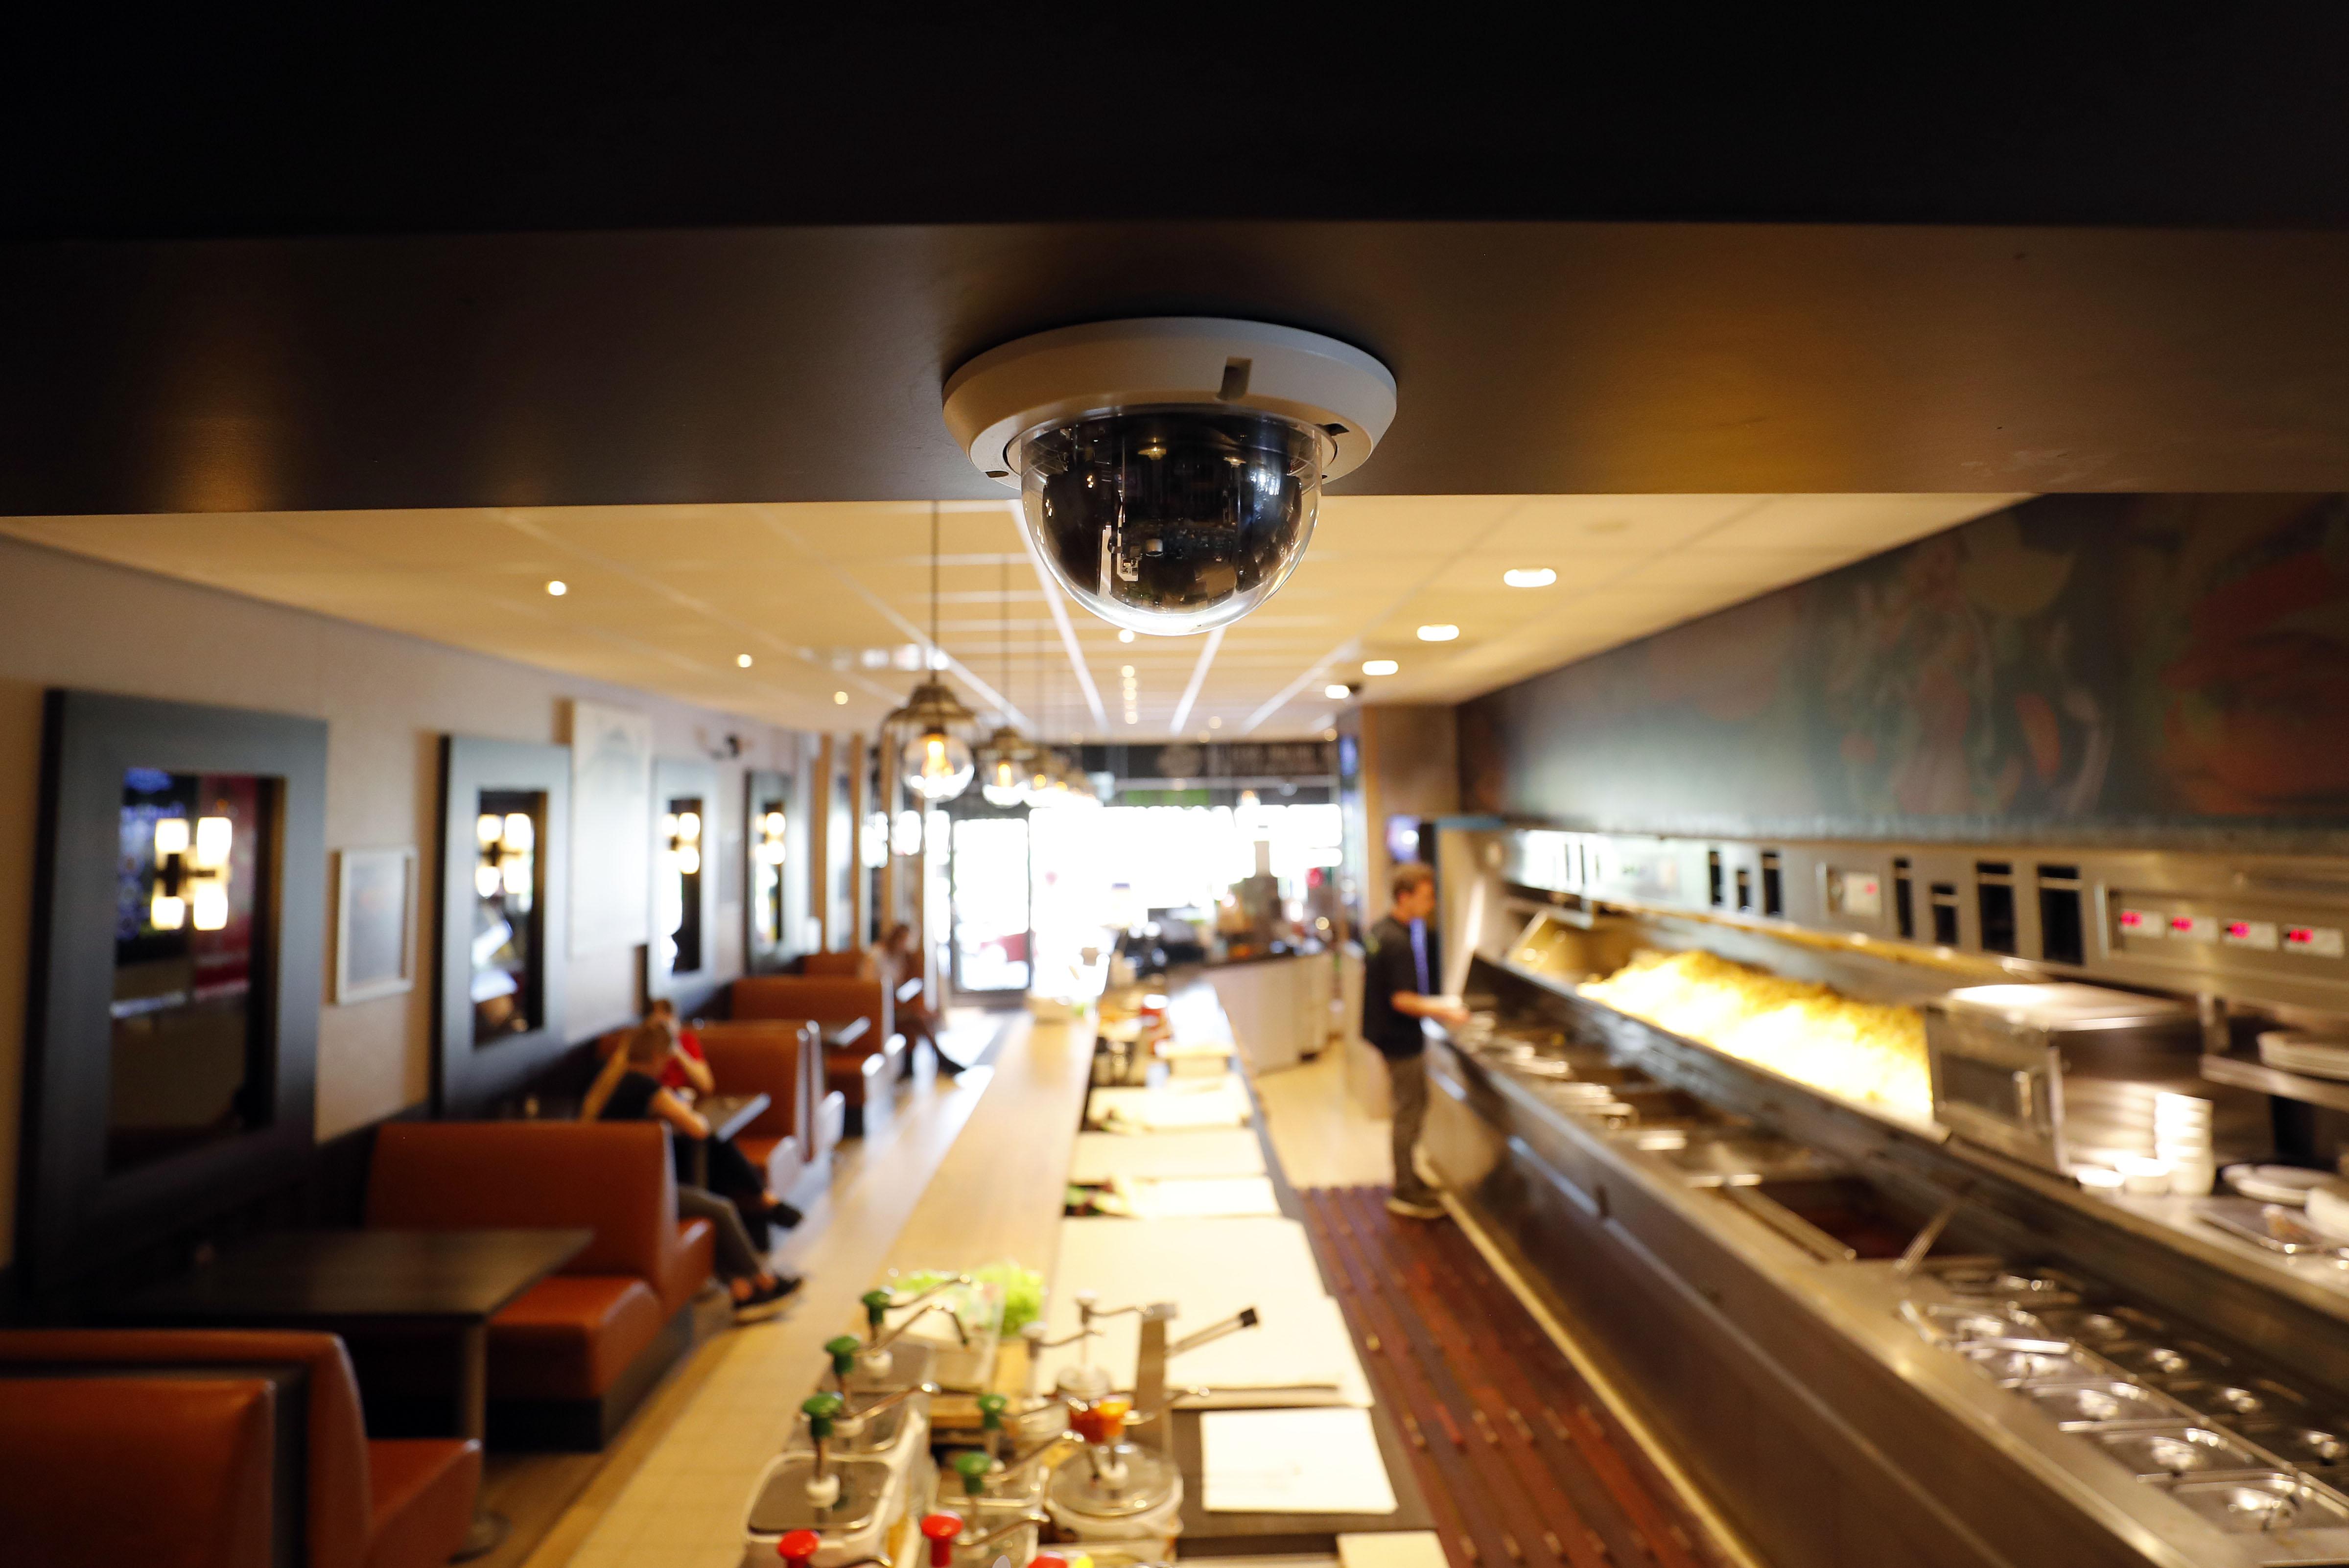 Eigenaar Cafetaria XL trots op medewerkers na overval